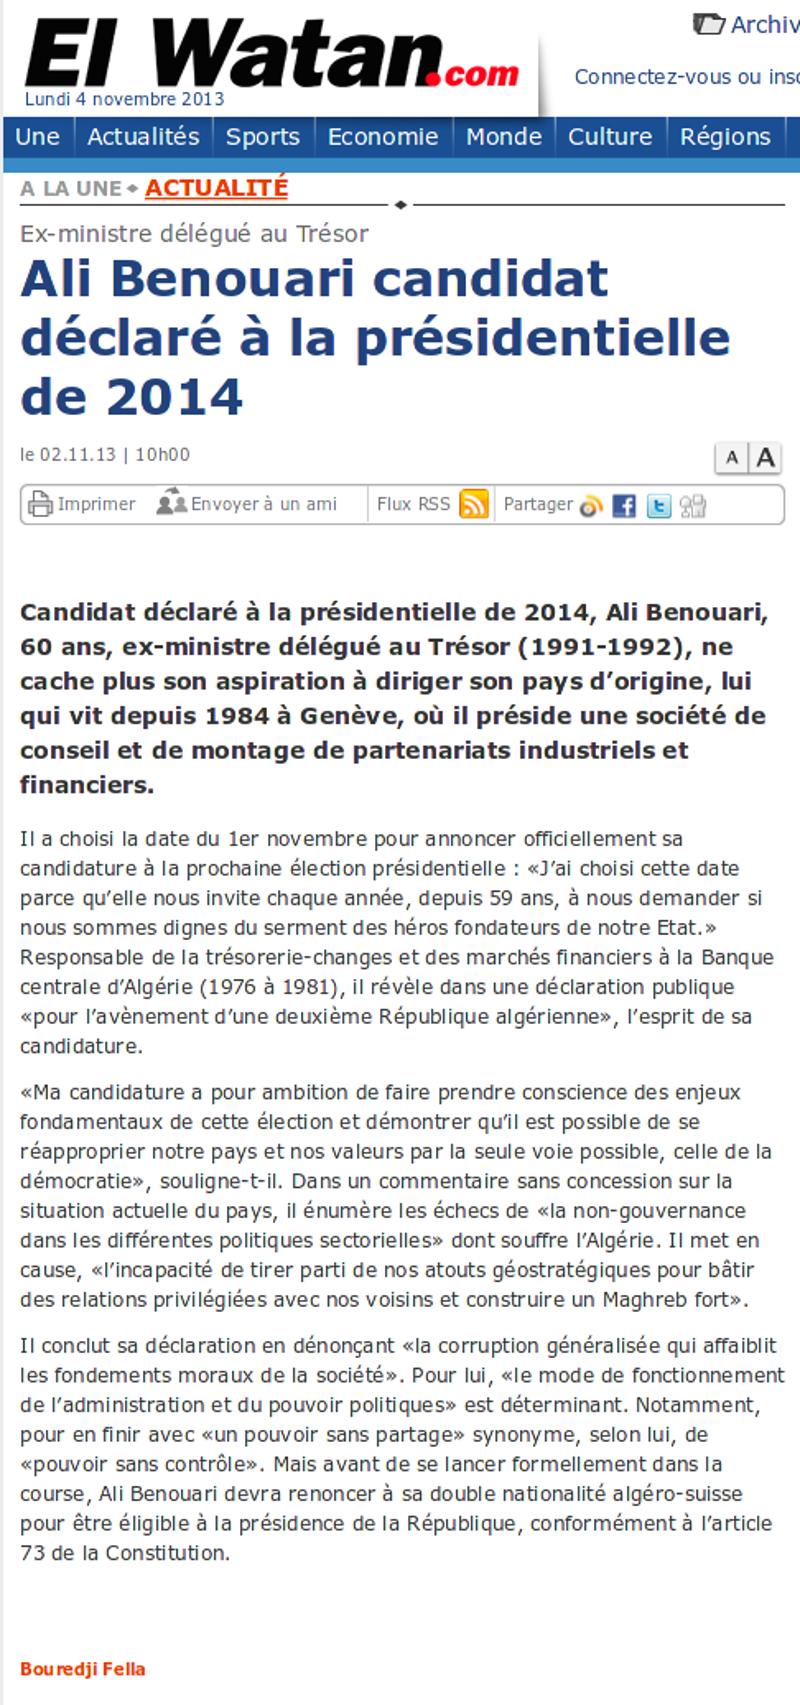 Ali Benouari, El Watan : Annonce de candidature